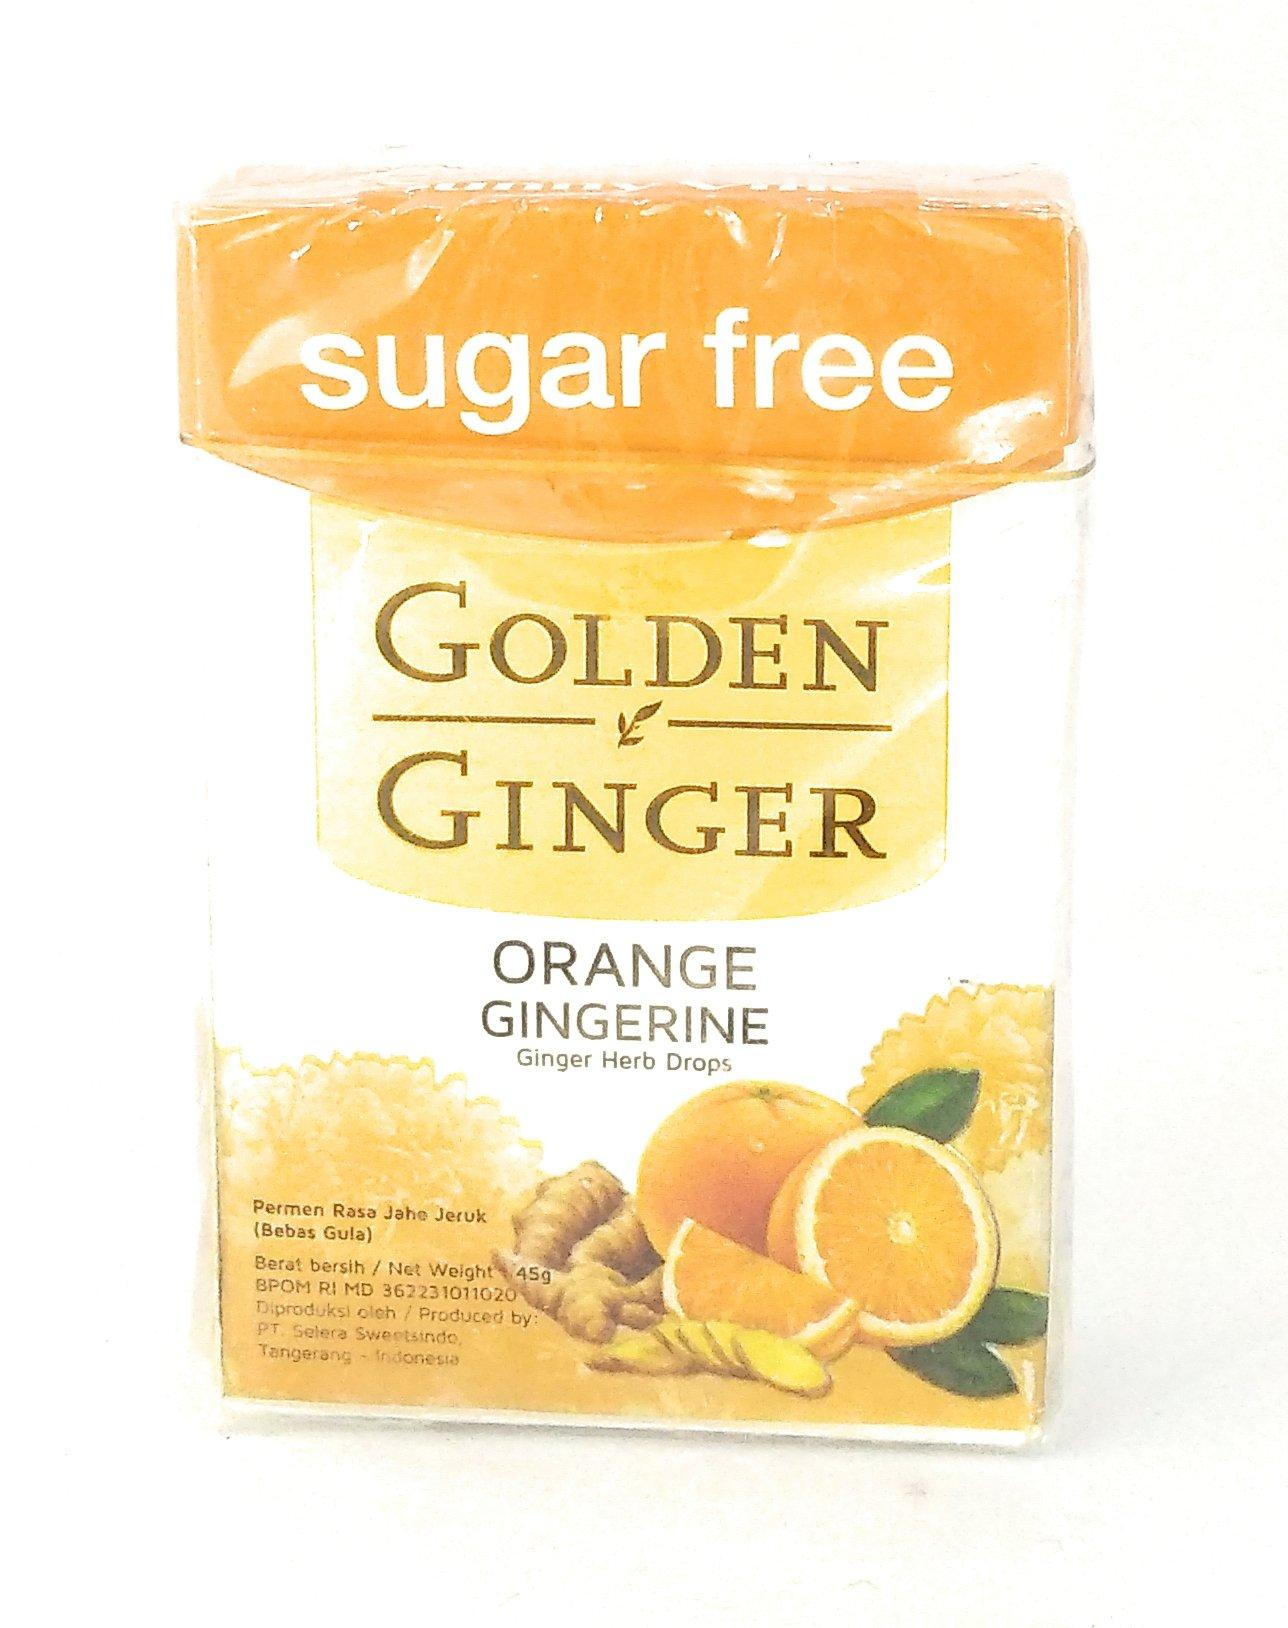 Golden Ginger Herb Drops Orange Gingerine (sugar free), 45 Gram (Pack of 4)